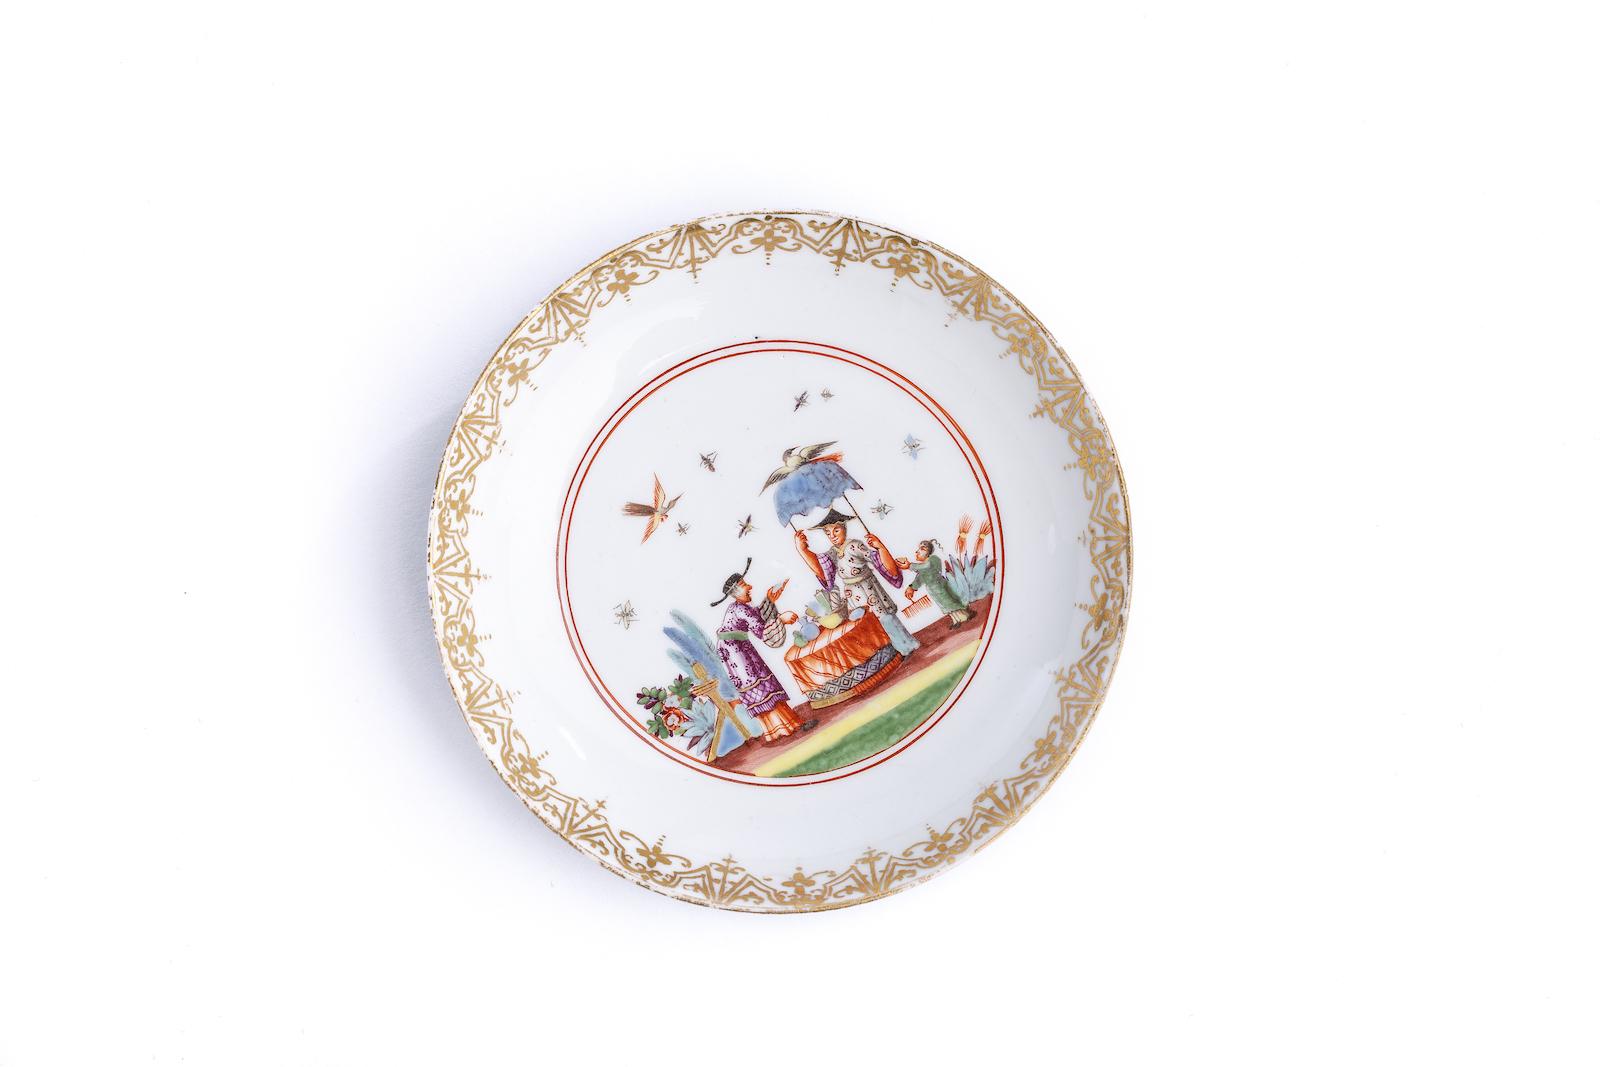 #26 Kleine Unterschale, Meissen 1730/35 | A plate decorated with a Image